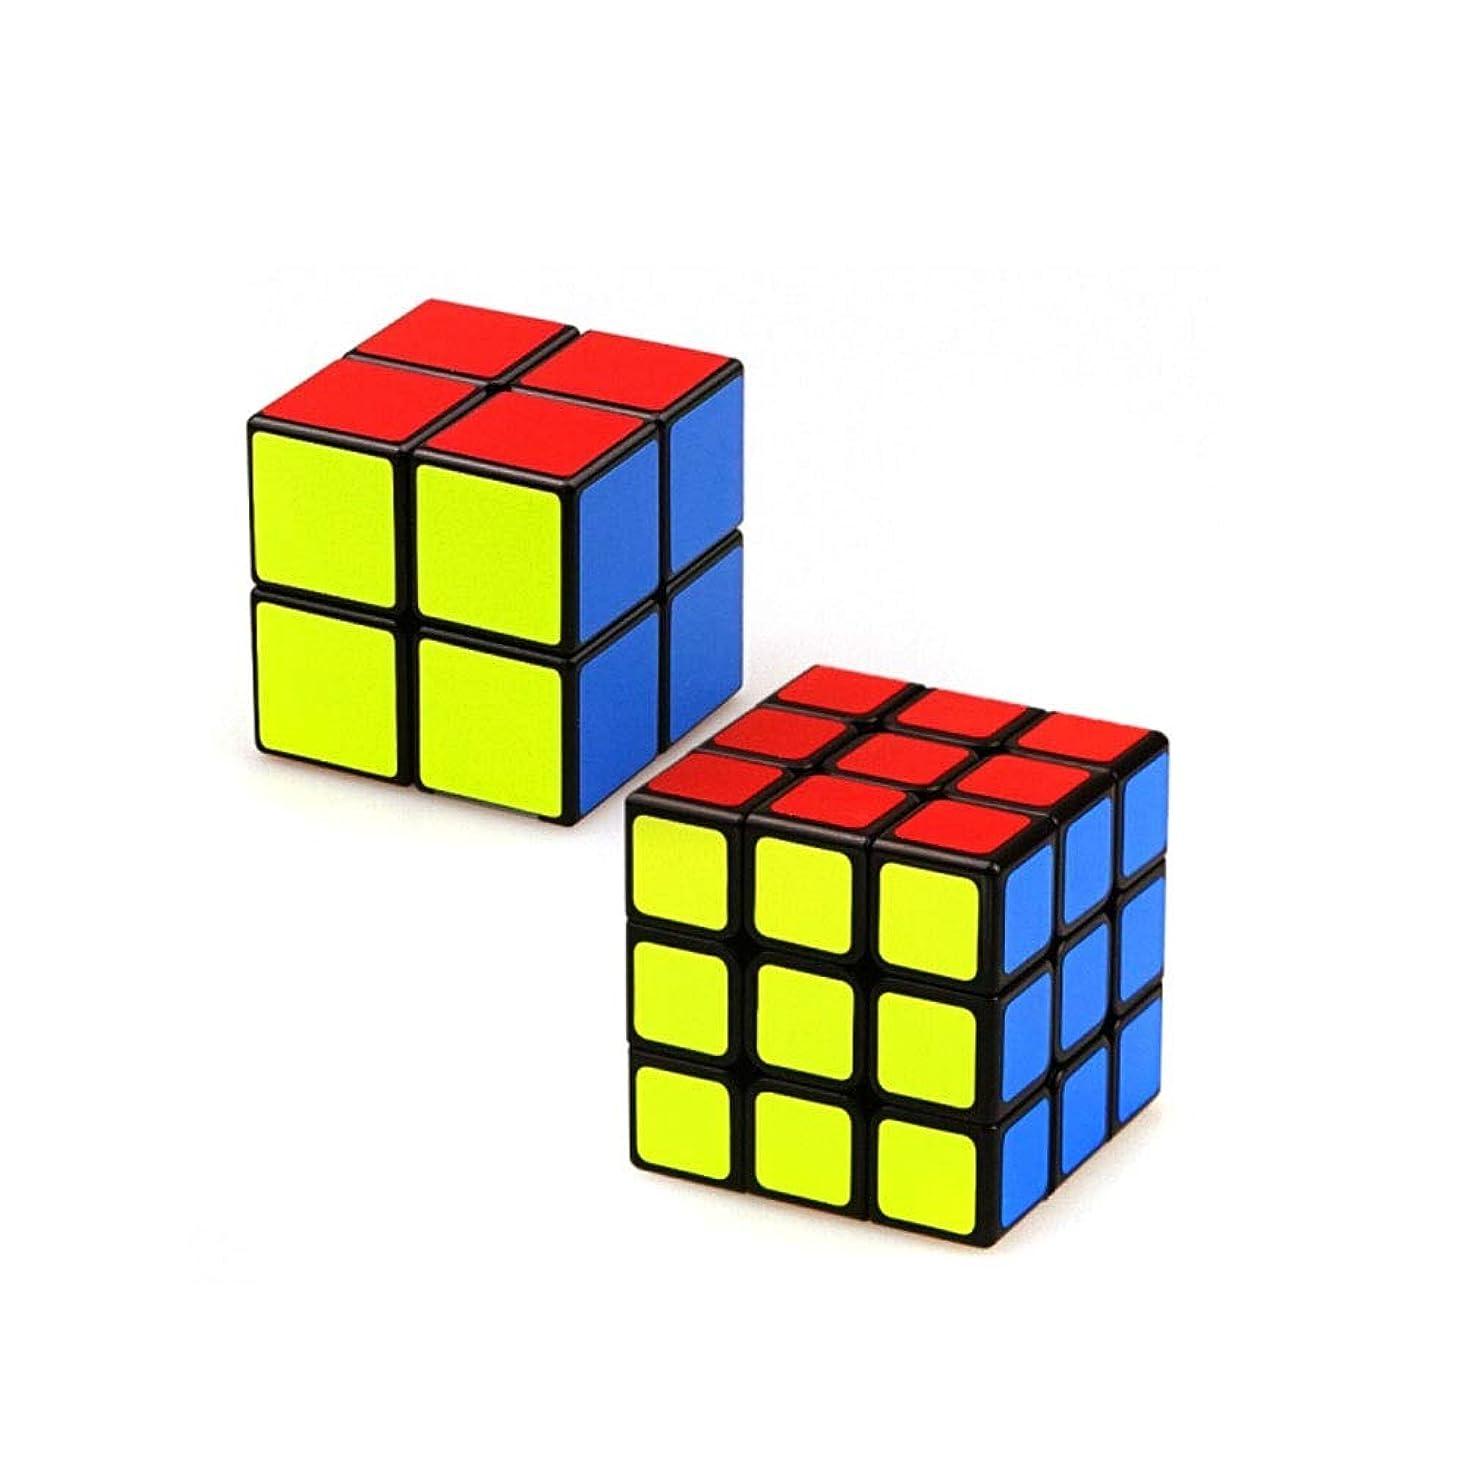 ゆり爆発物一Hongyushanghang ルービックキューブ、一緒に詰め込まれた4つのスタイリッシュな小さなキューブは、プロのスモールゲーム、スムーズな品質として使用することができます(2次/ 3次/ 4次/ 5次) 使いやすい (Edition : Two-order~Fifth-order)